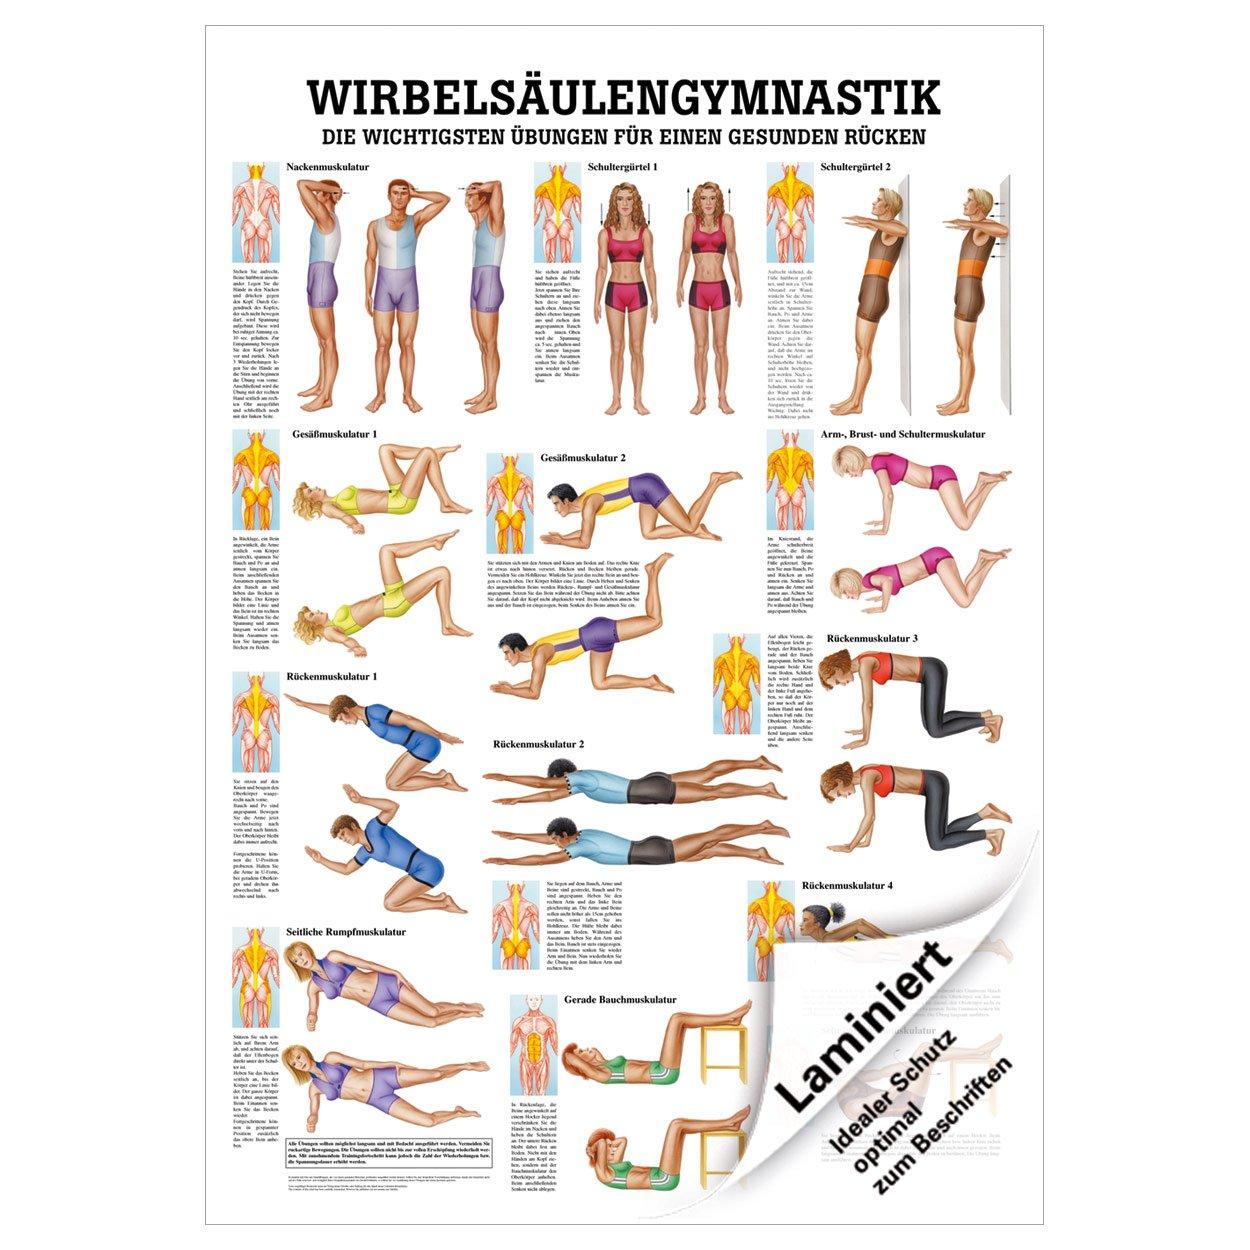 Charmant Liste Der Schultermuskulatur Ideen - Menschliche Anatomie ...